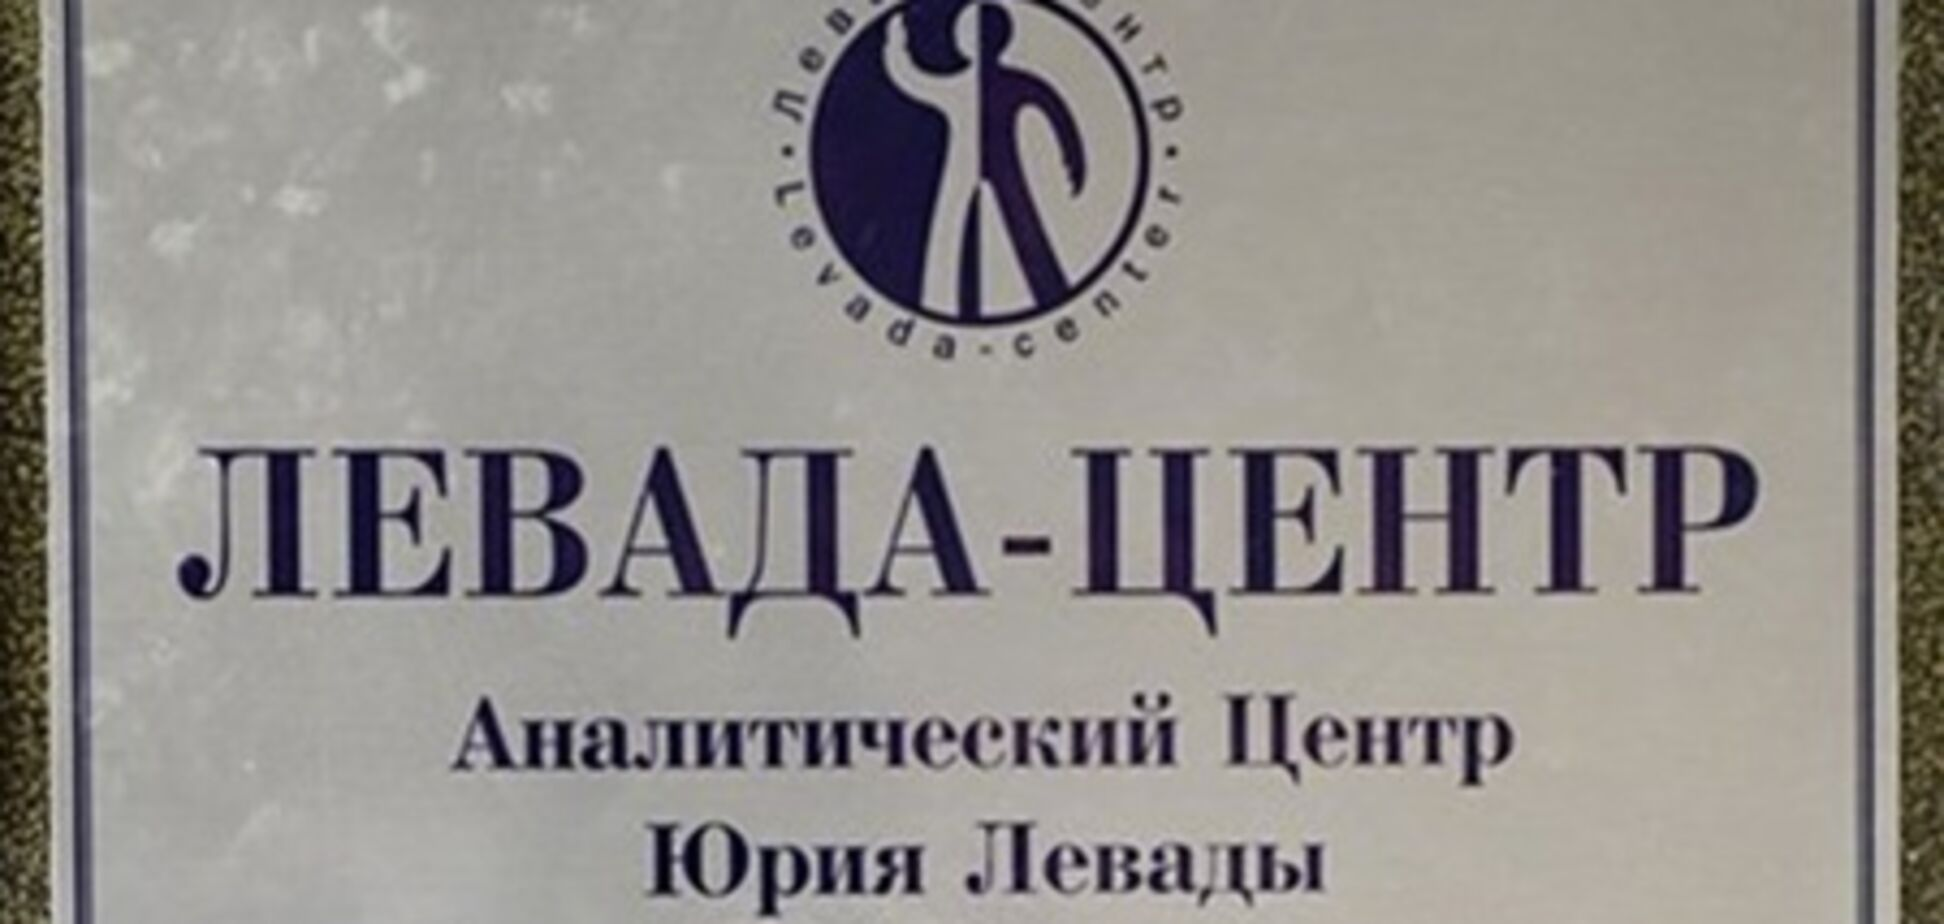 'Левада-центр' отказался от зарубежного финансирования